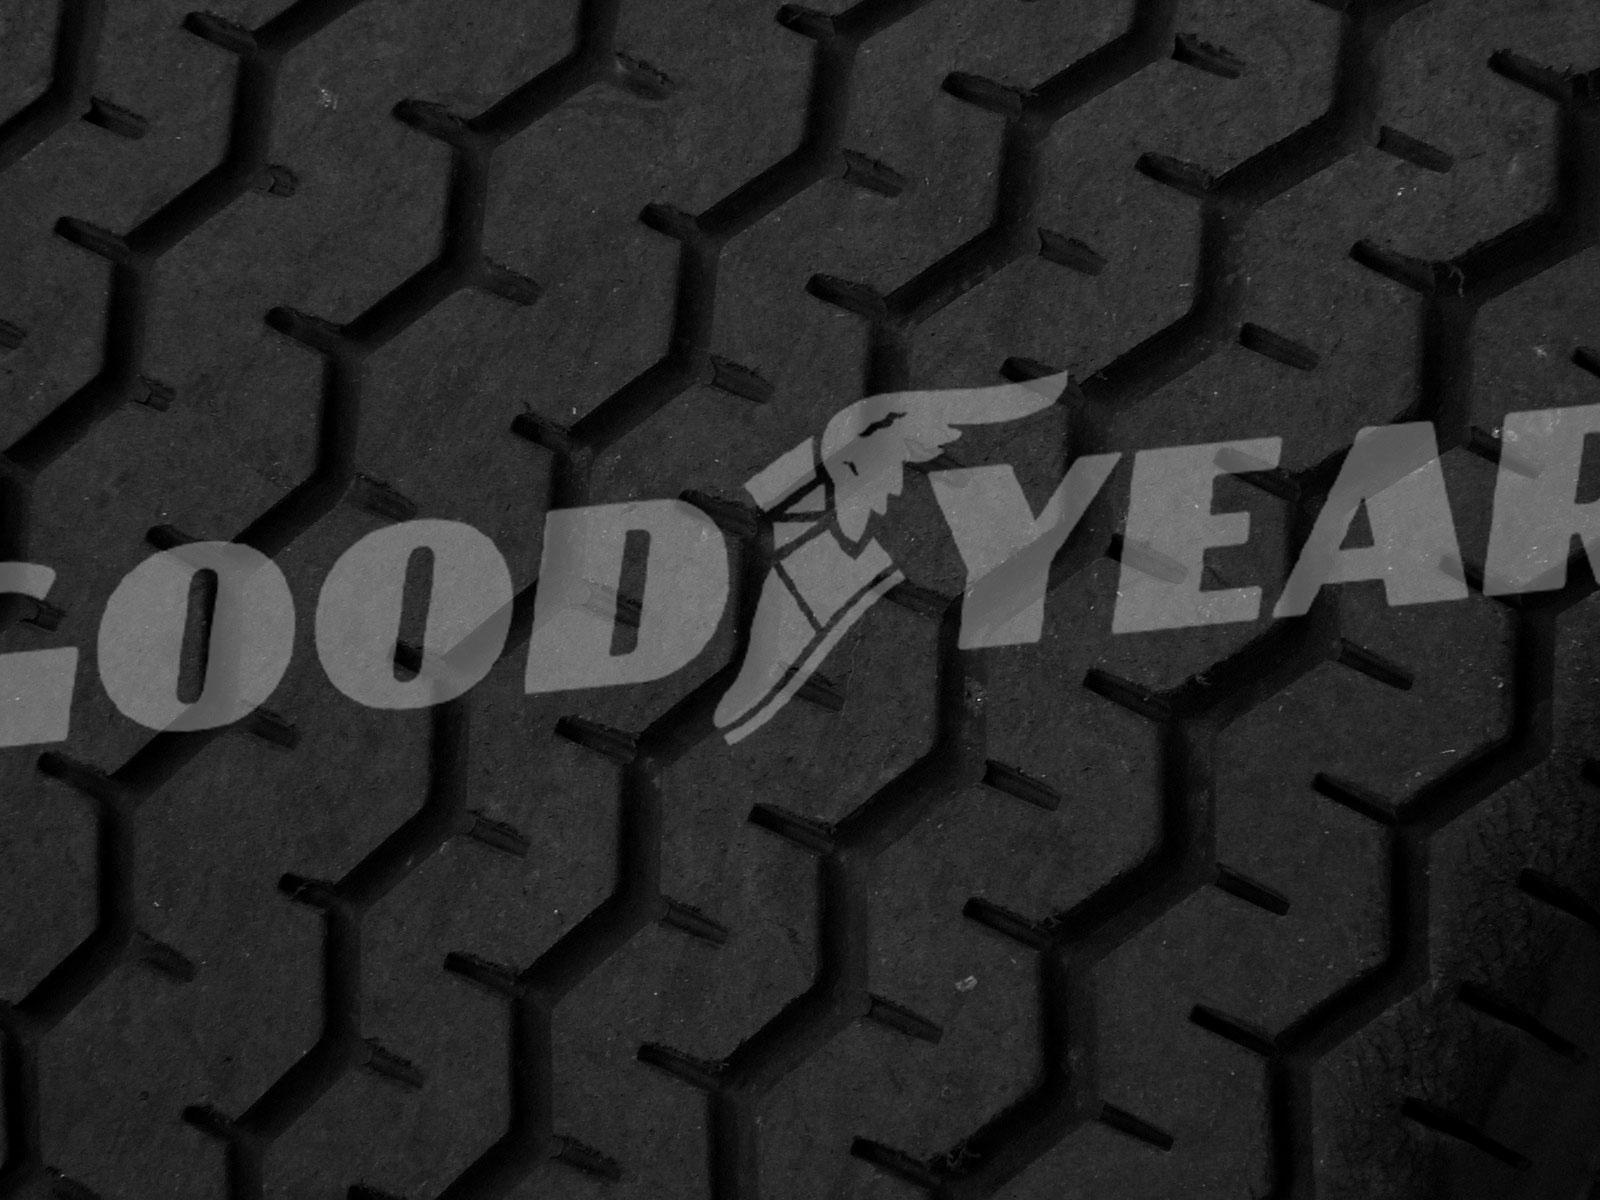 Doppelt so viele Reifenverkäufe für Goodyear dank Intent-Daten von Q division